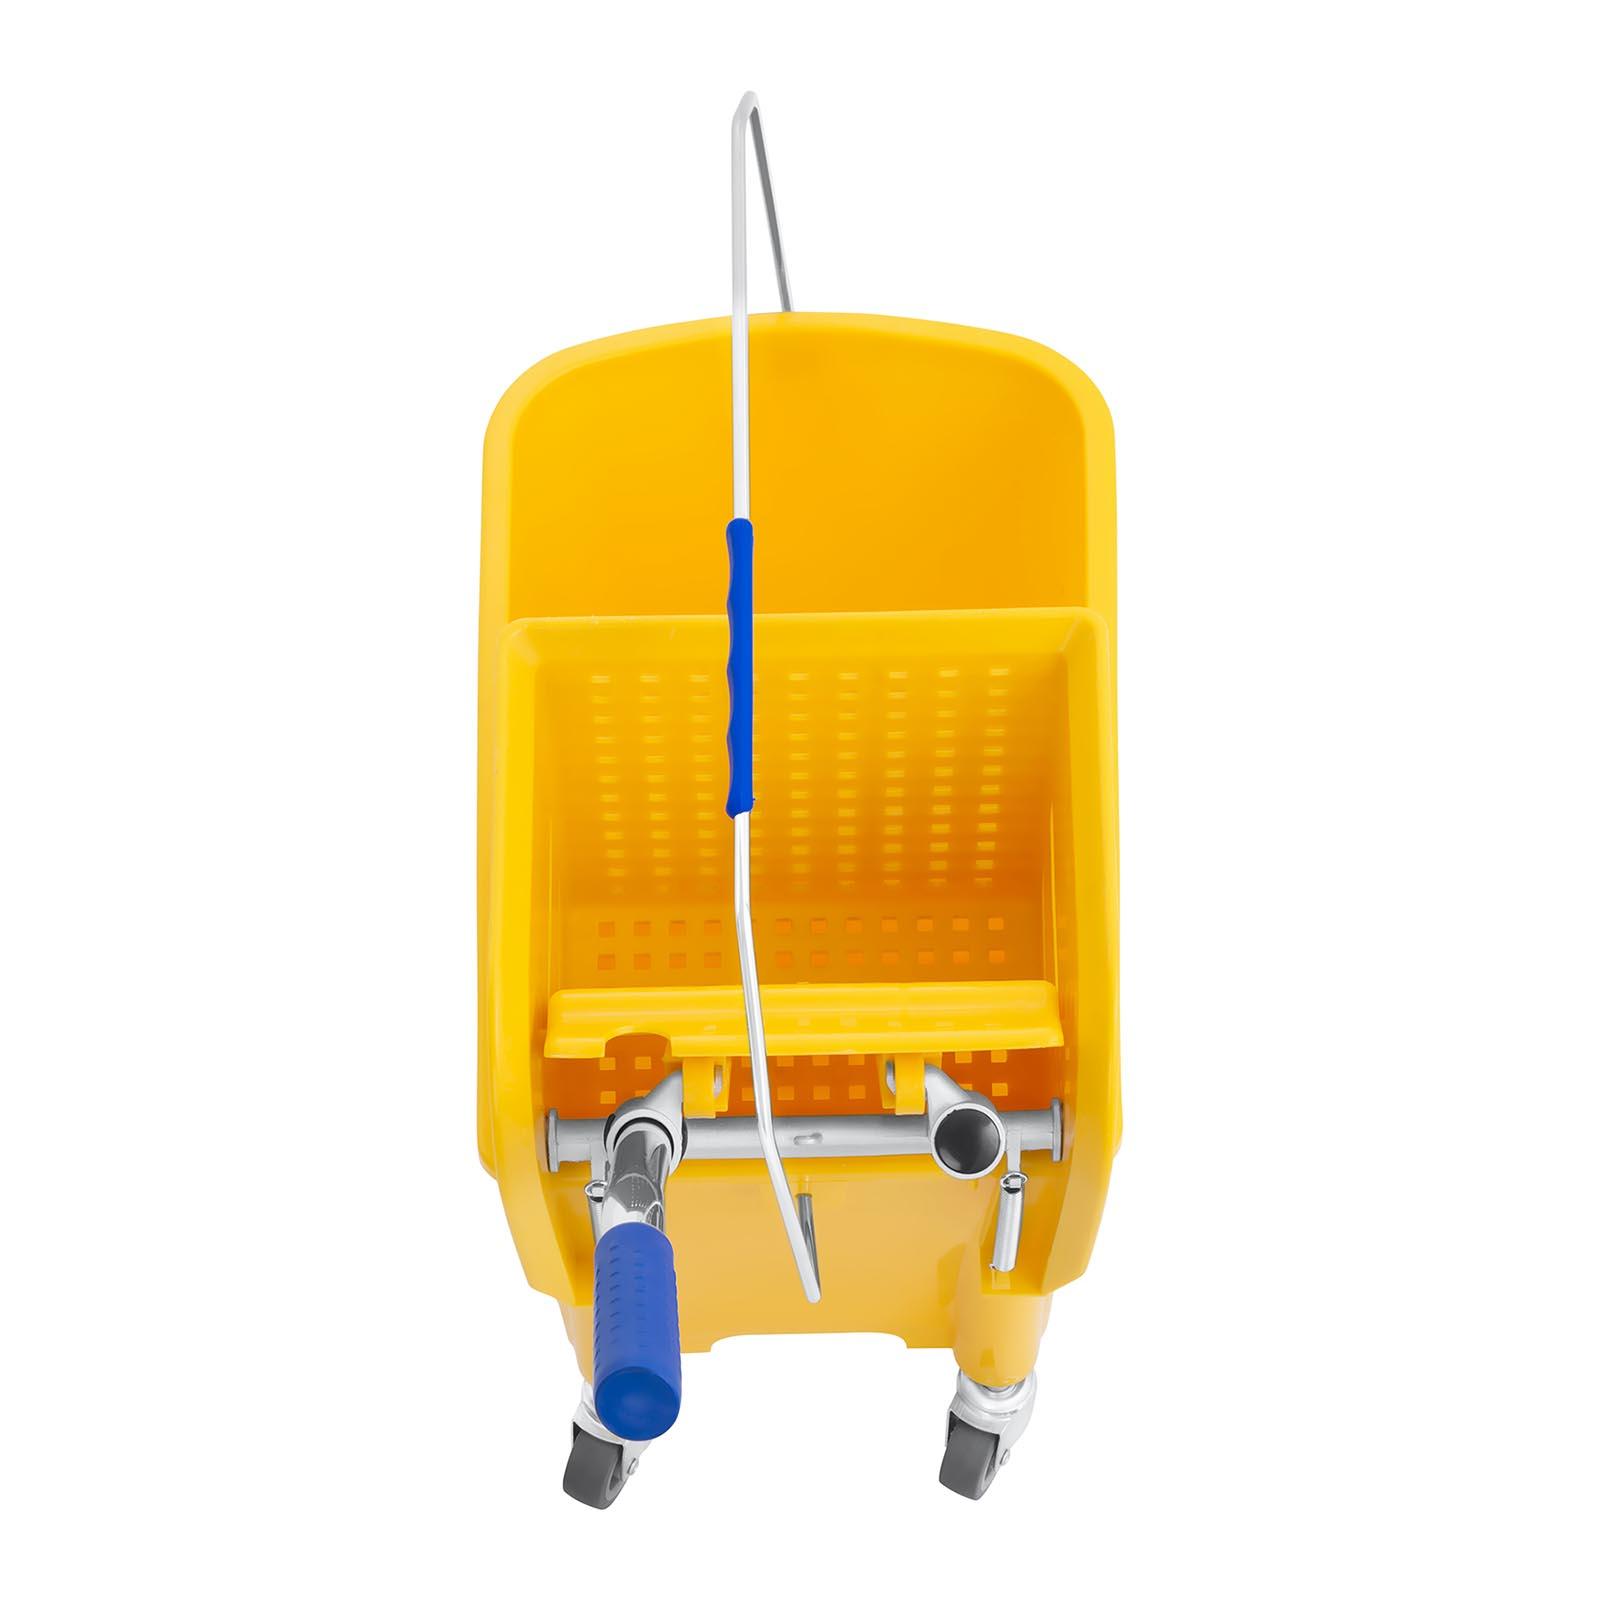 Secchio-Lavapavimenti-Con-Mocio-E-Strizzatore-Pulizia-Professionale-Cartello-20L miniatura 5